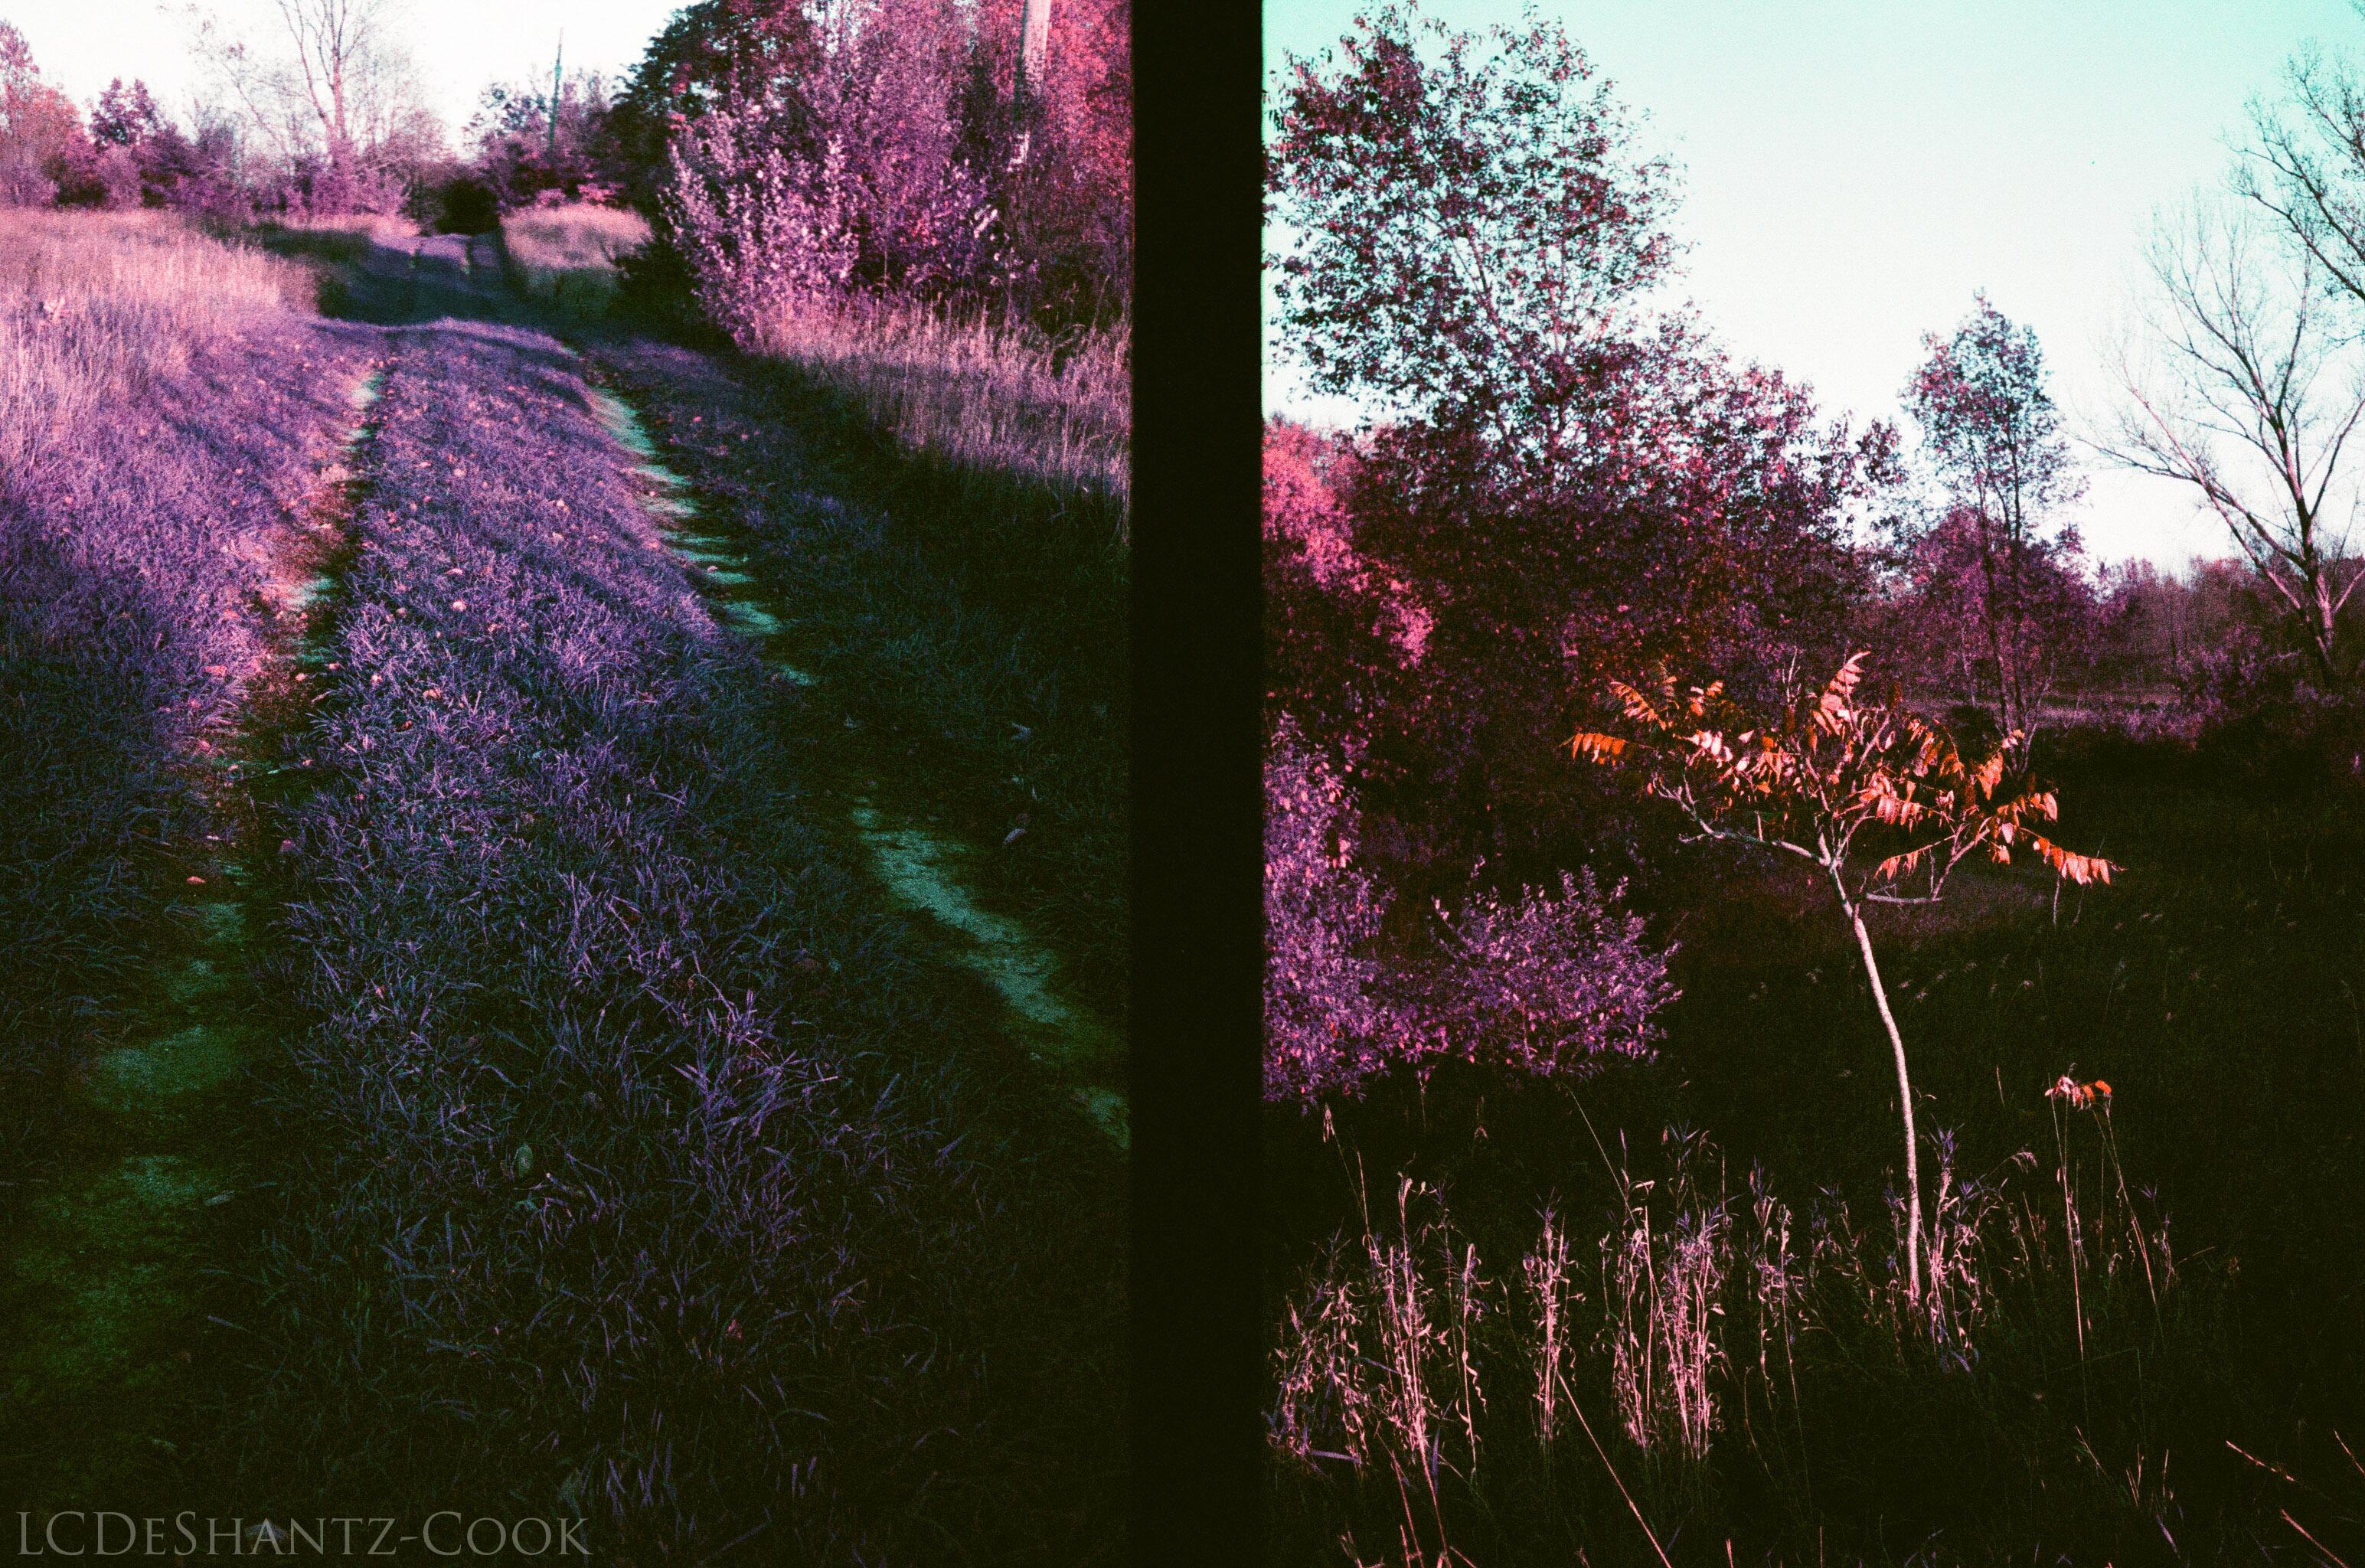 ldc_20161026_77790035ee3_lomo_purple_200